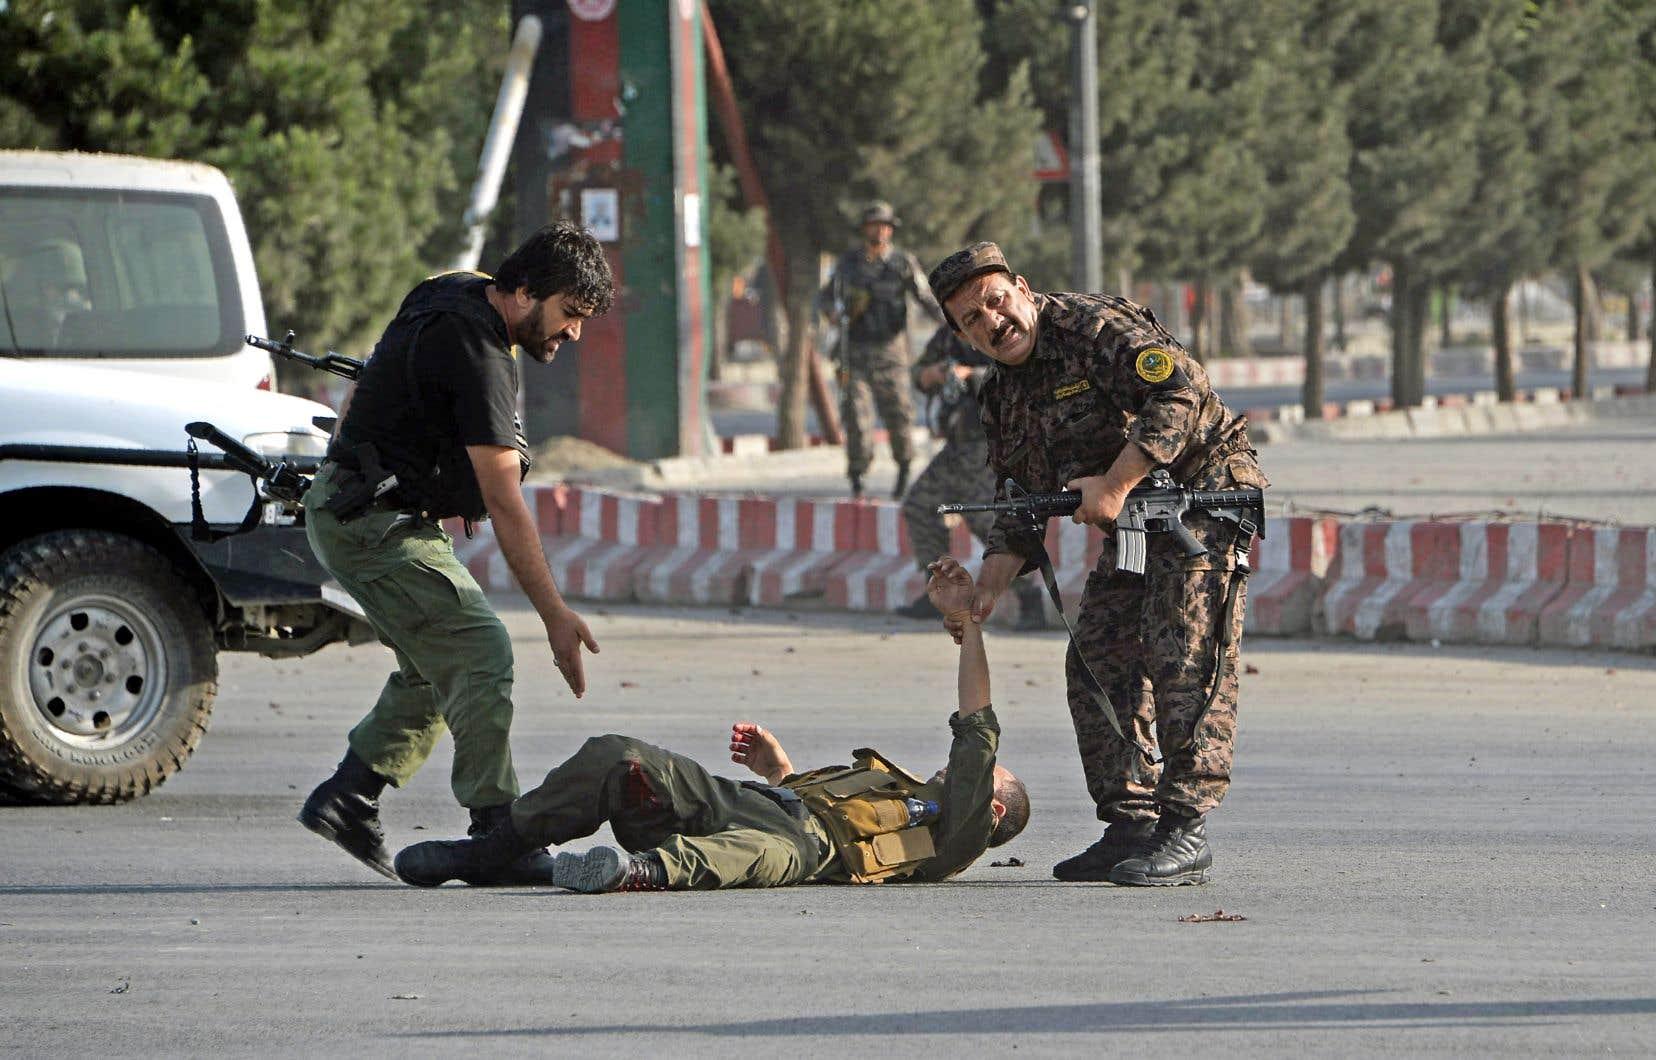 Des membres des forces de sécurité afghanes viennent en aide à un collègue blessé après l'explosion d'un kamikaze à Kaboul, dimanche.